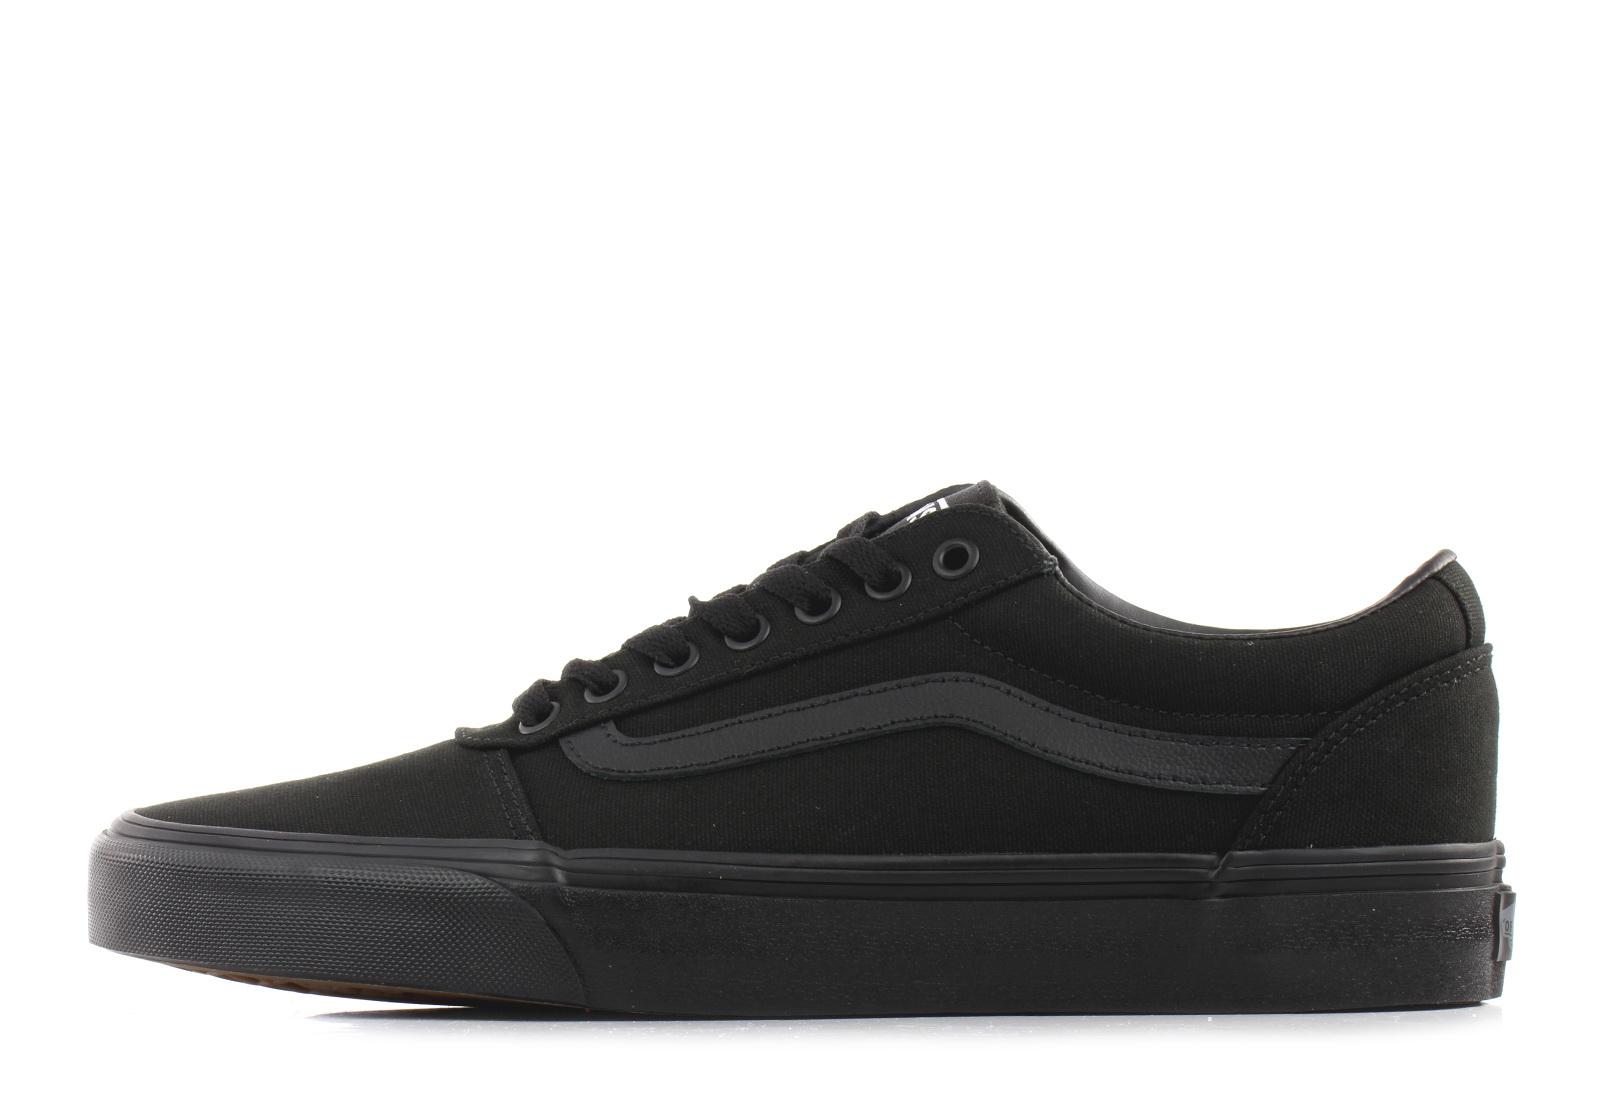 500c08cf15 Vans Shoes - Mn Ward - VA38DM186 - Online shop for sneakers, shoes ...